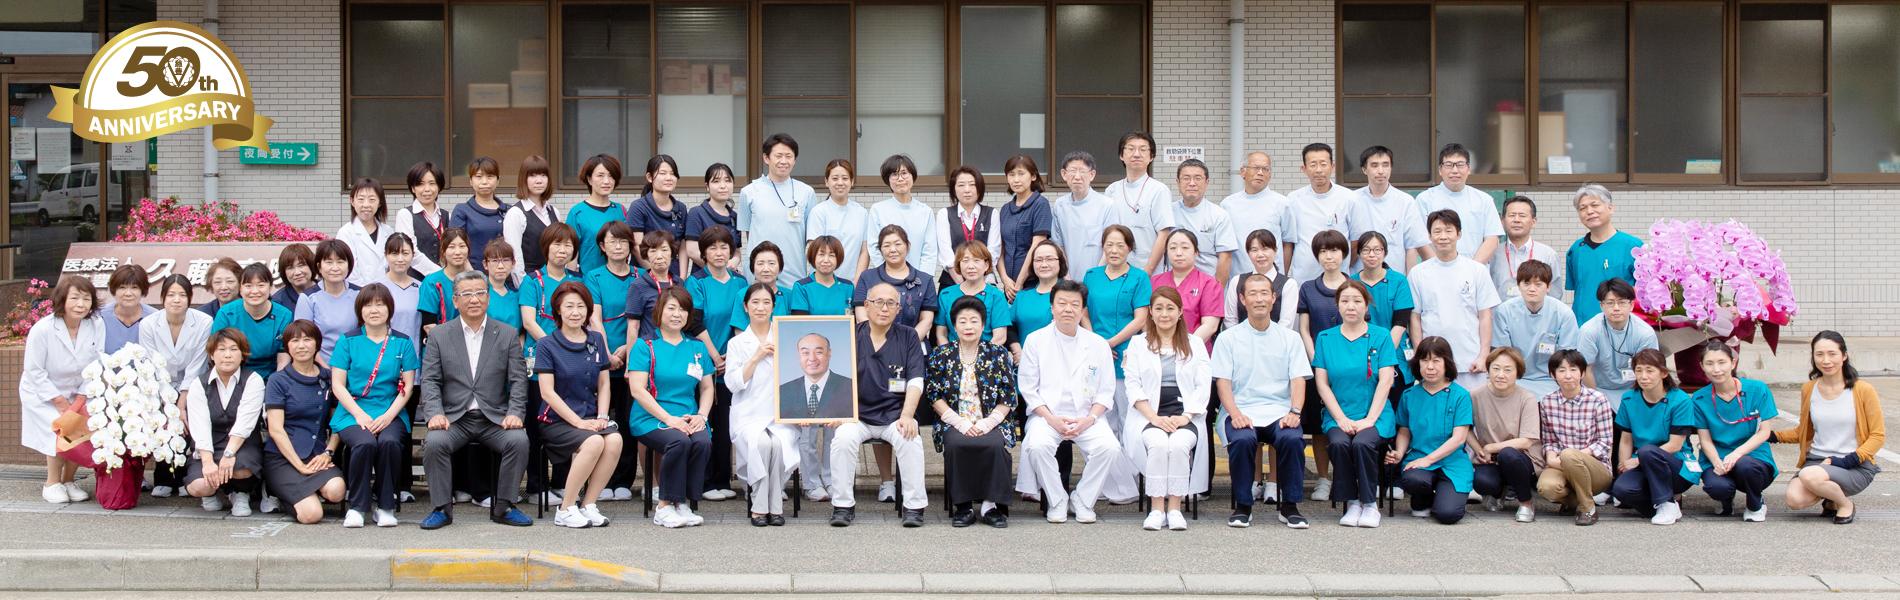 久藤総合病院設立50周年